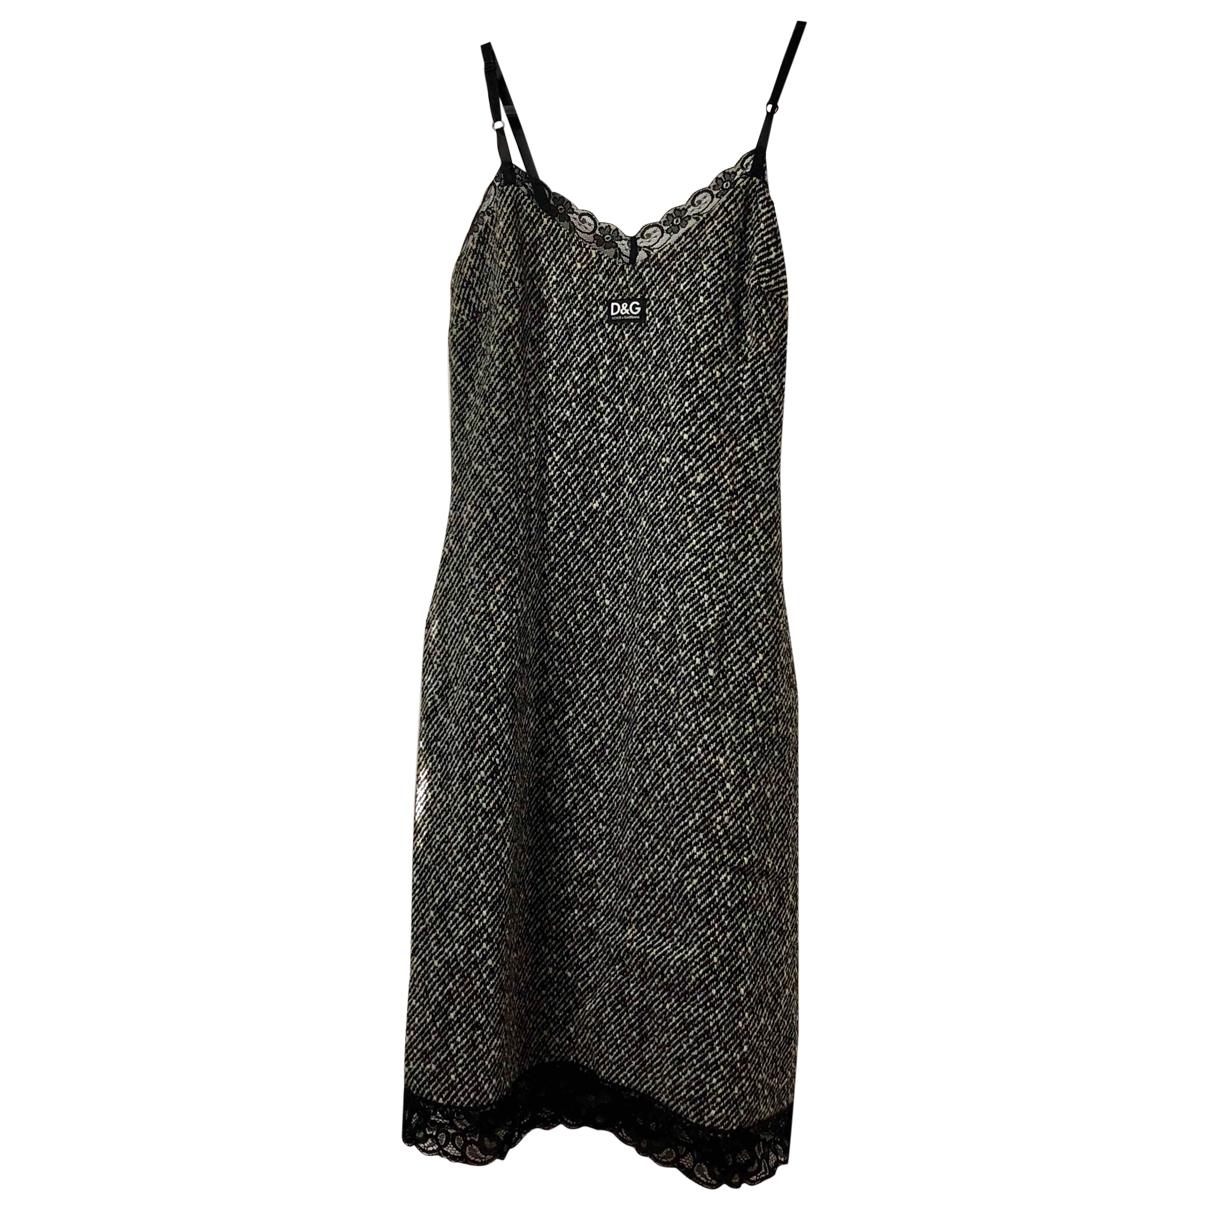 D&g \N Grey Wool dress for Women 40 IT